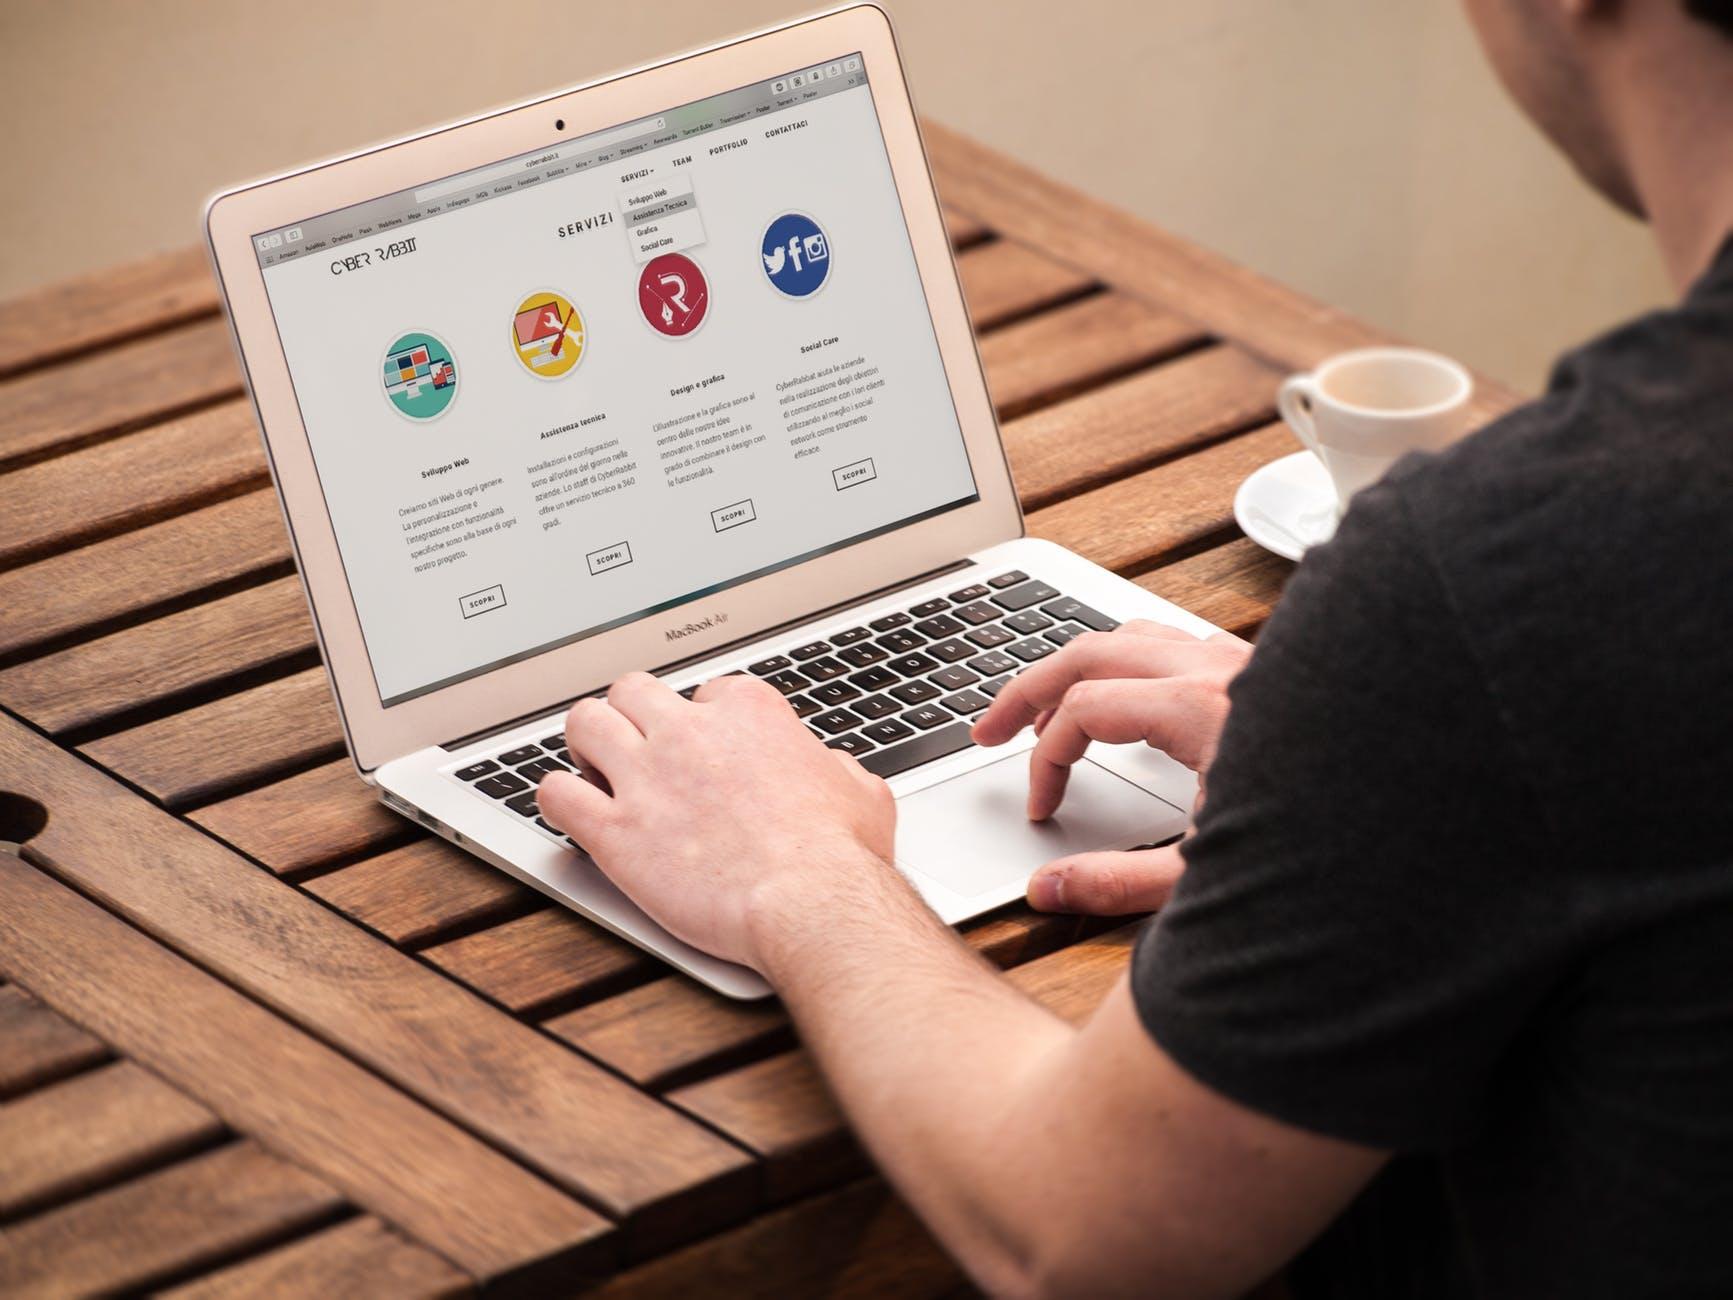 Computer Bildschirm mit offener Webseite, die ein Beispiel für organische Formen auf Webseiten zeigt